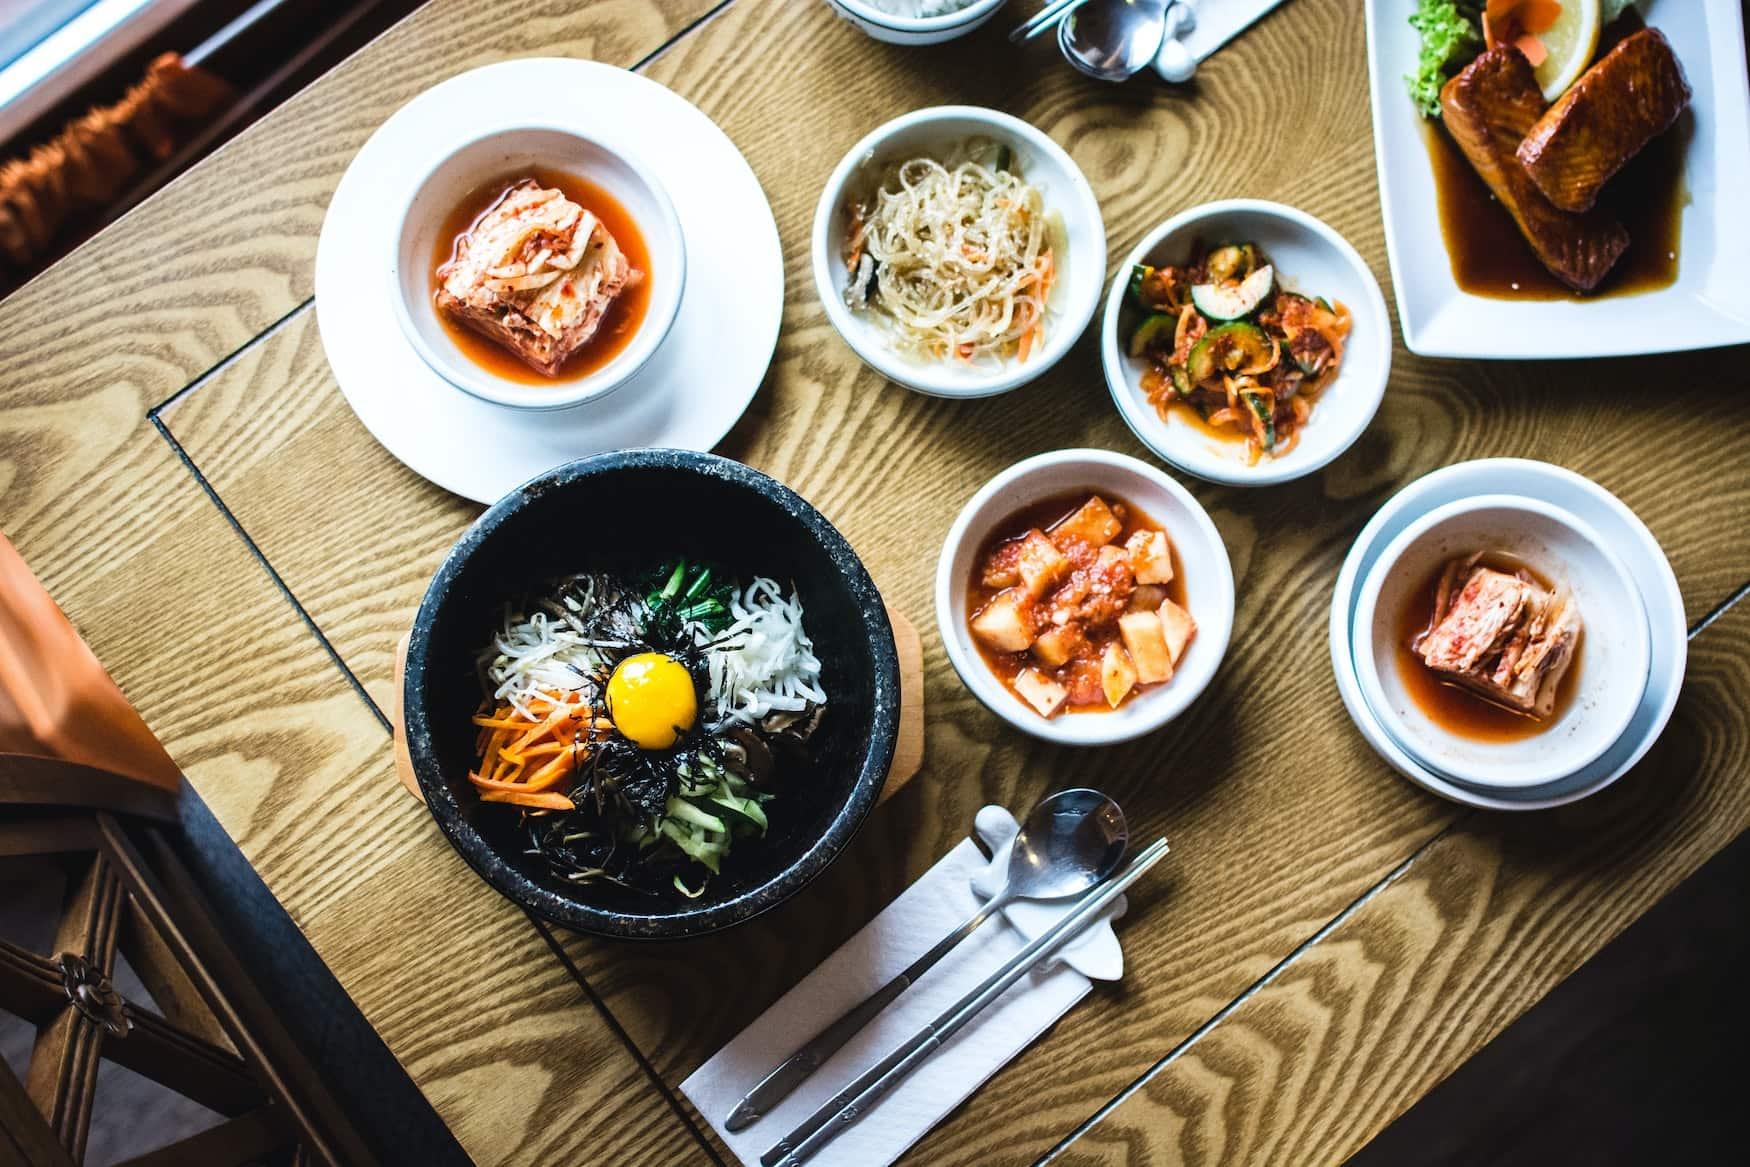 Koreanische Speisen in kleinen Schüsseln